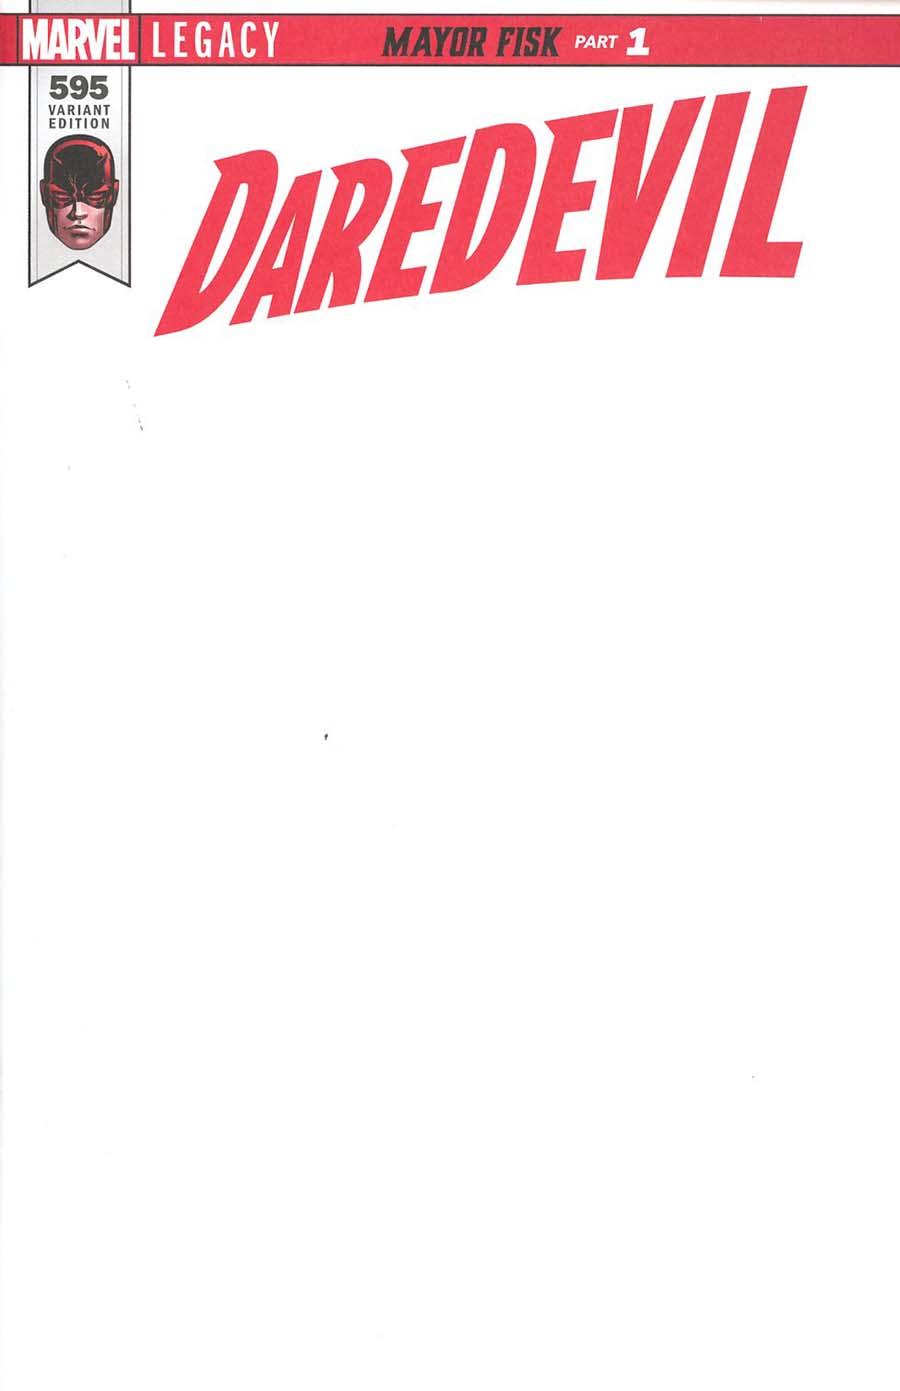 Daredevil Vol 5 #595 Cover C Variant Blank Cover (Marvel Legacy Tie-In)